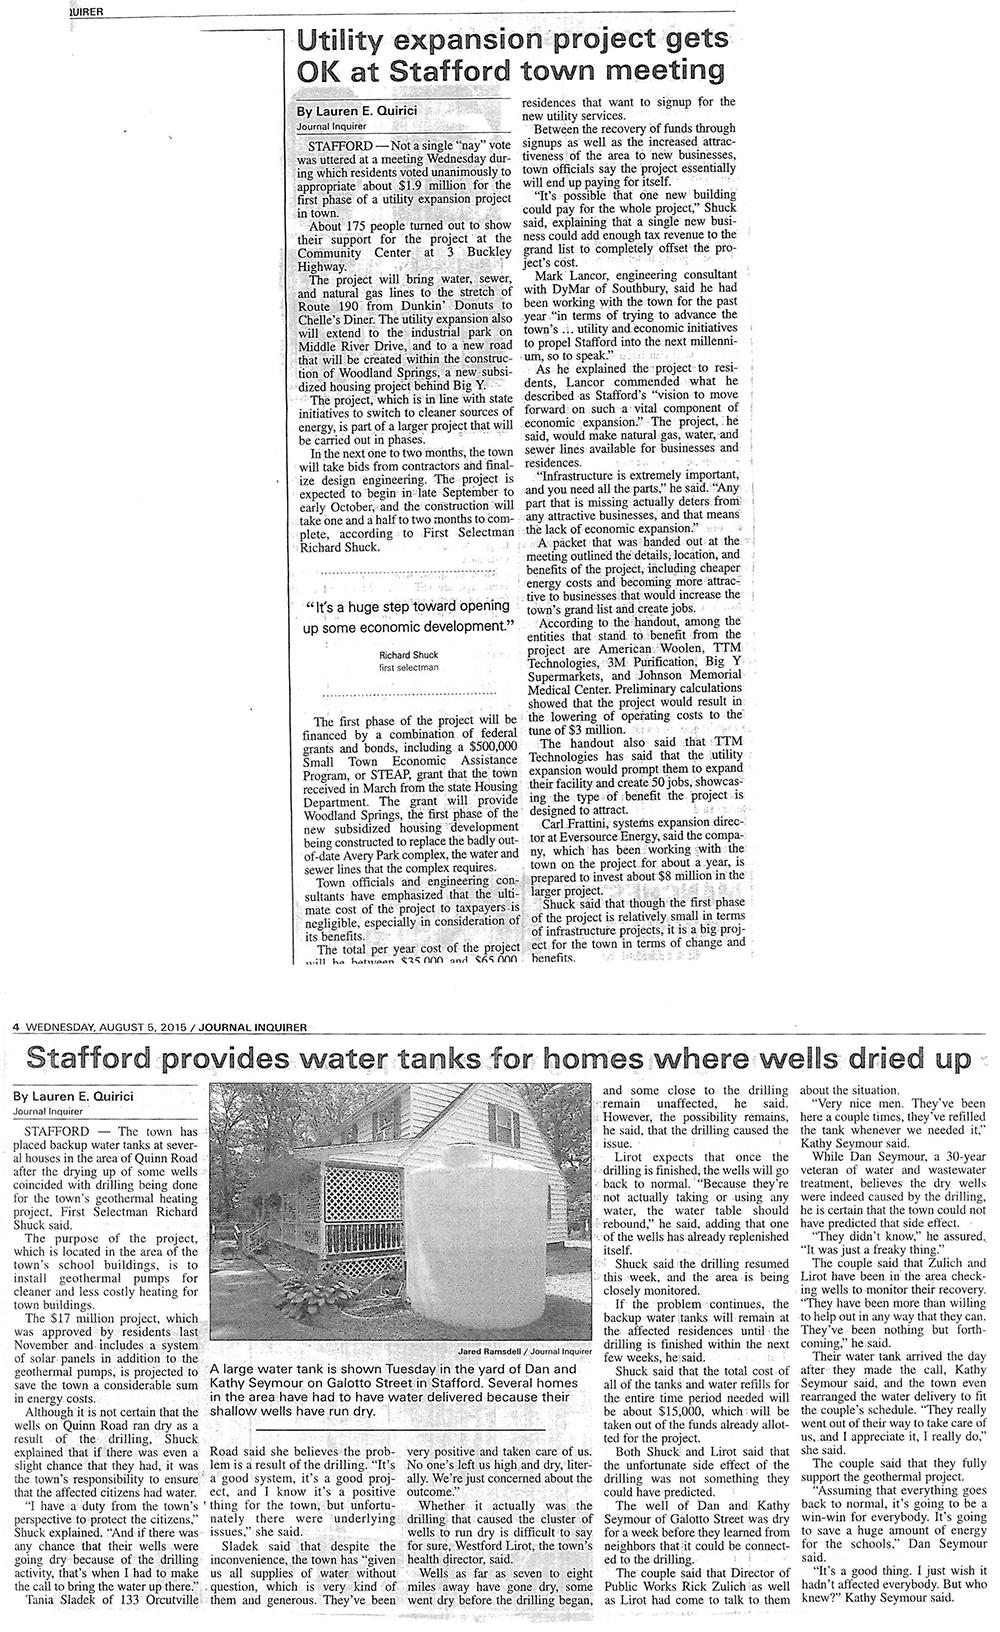 stratfford-and-Dymar-utility-expansion-1